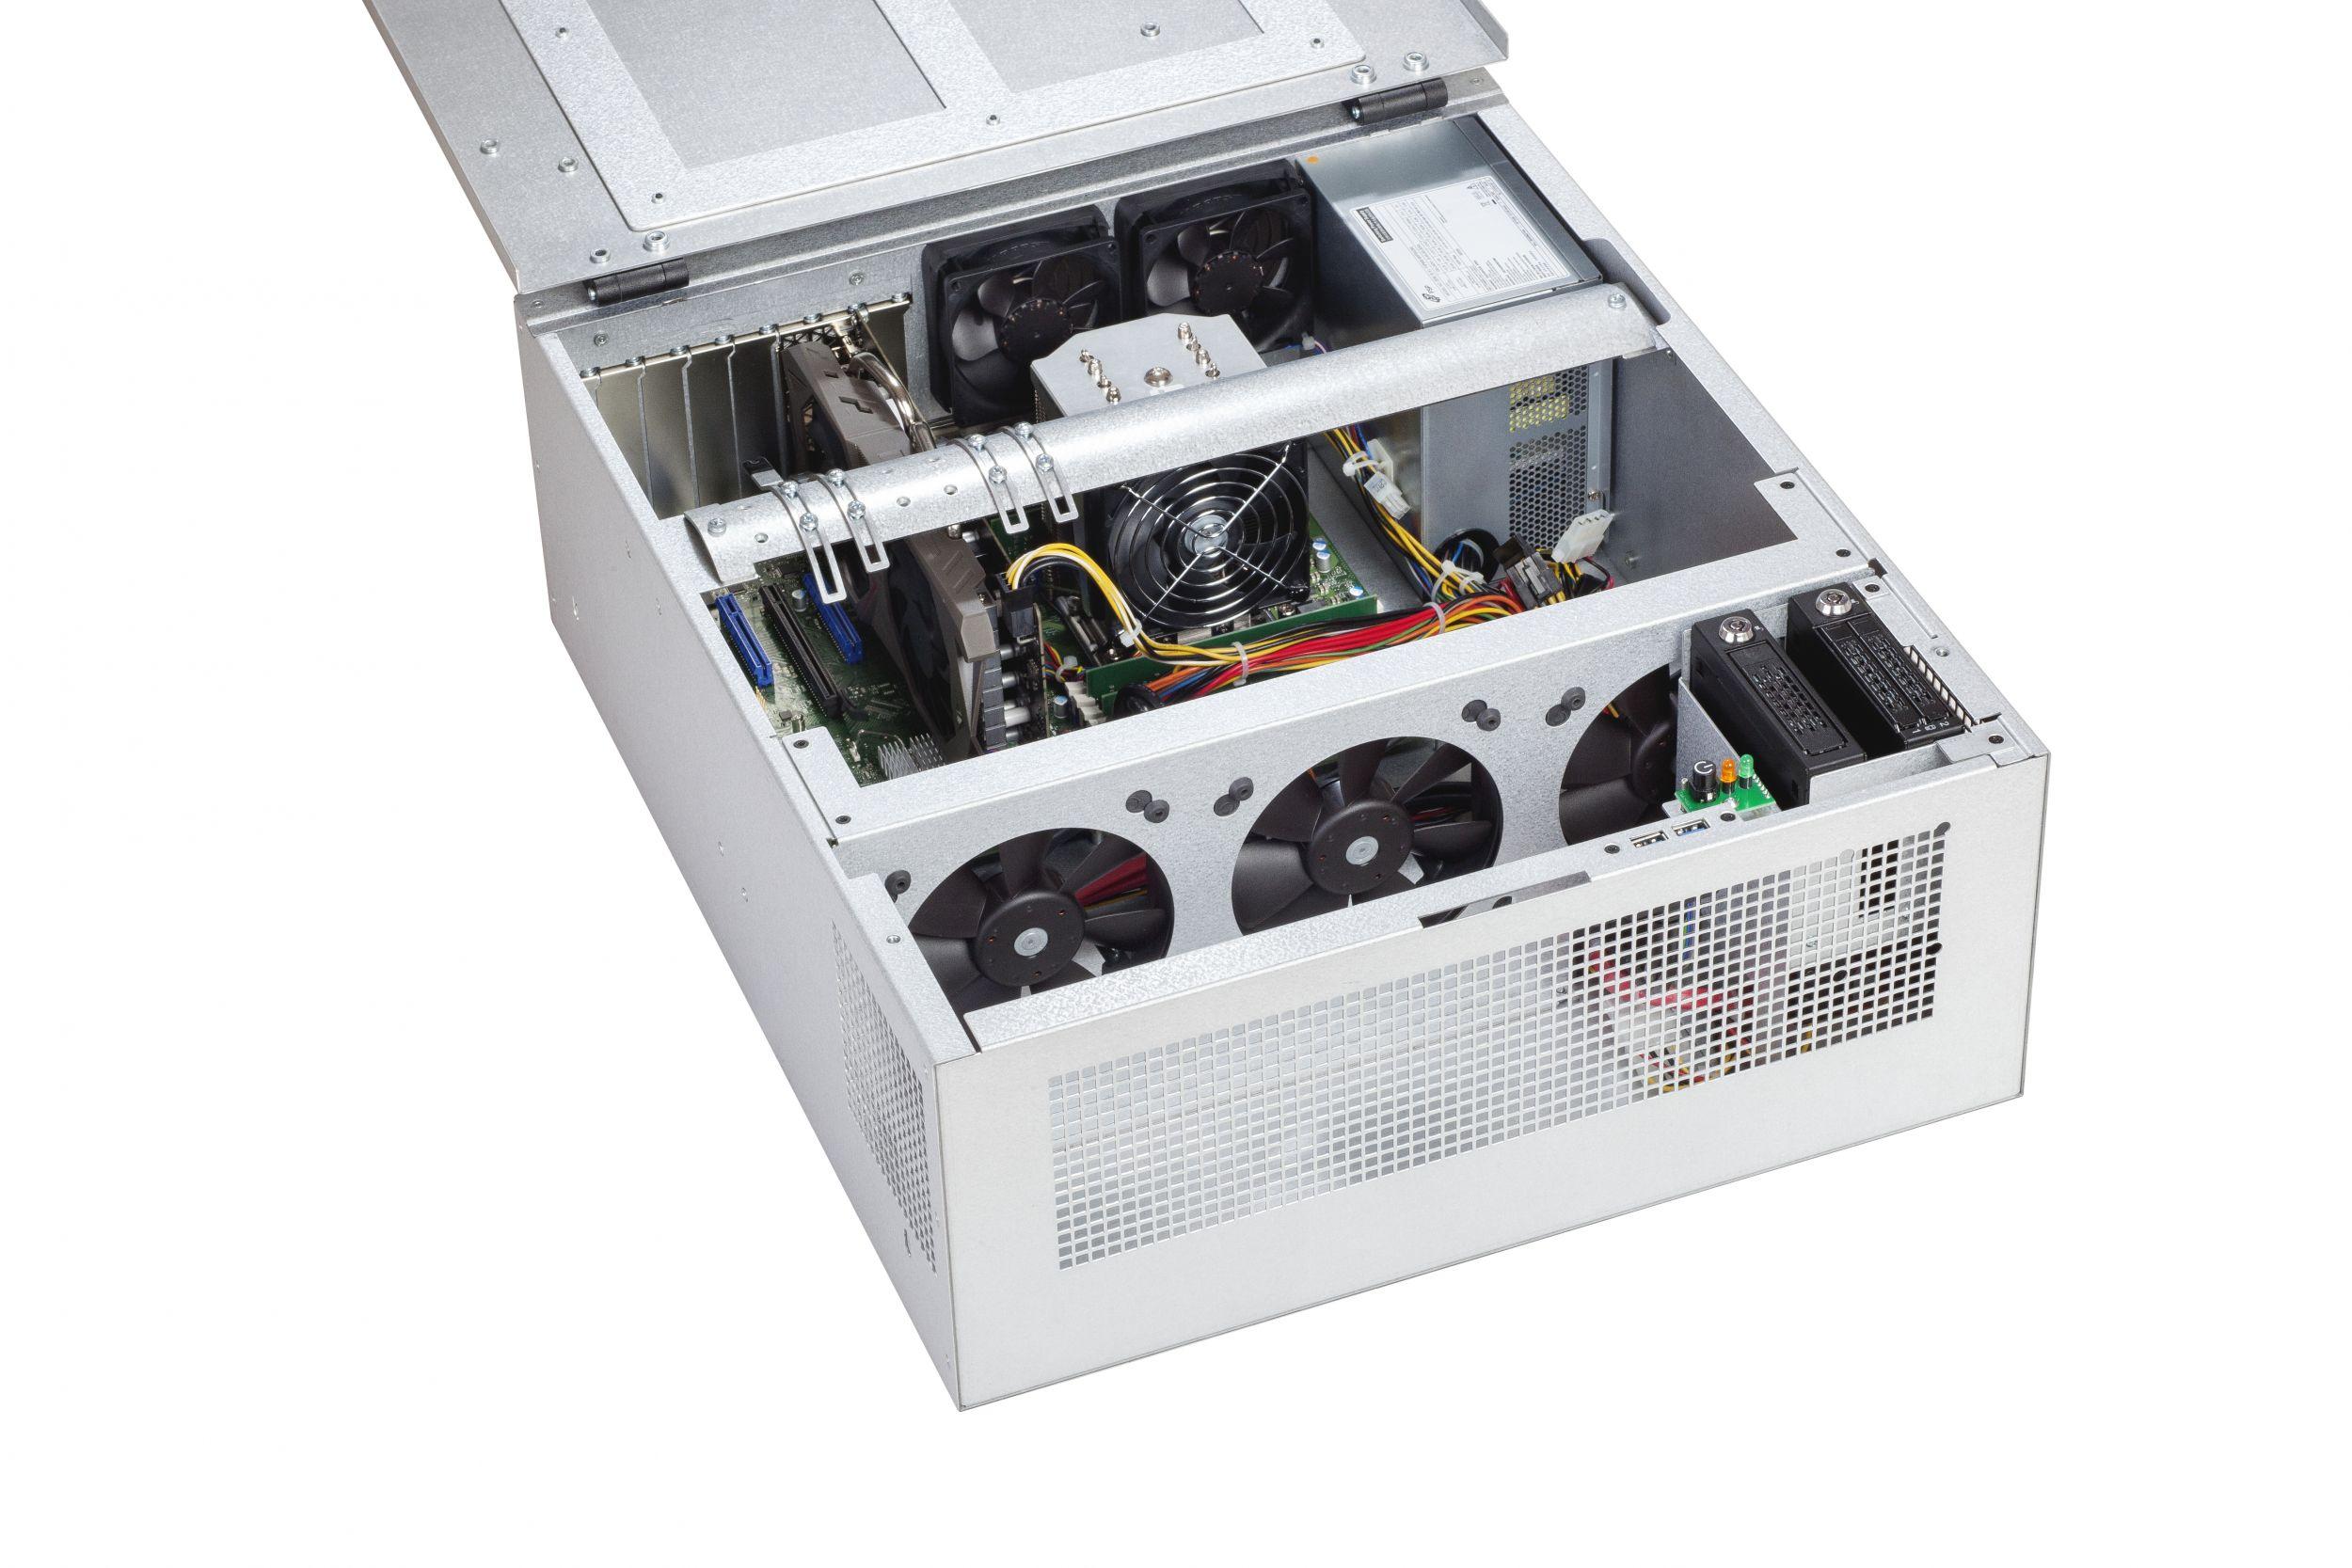 Die integrierte Nvidia-Grafikkarte GeForce GTX 1070 mit 8GB kombiniert mit zwei Intel Xeon Silver-Prozessoren der CPU sind die Basis für rechenintensive Bildverarbeitungsprozesse. (Bild: BEG Bürkle GmbH & Co. KG)